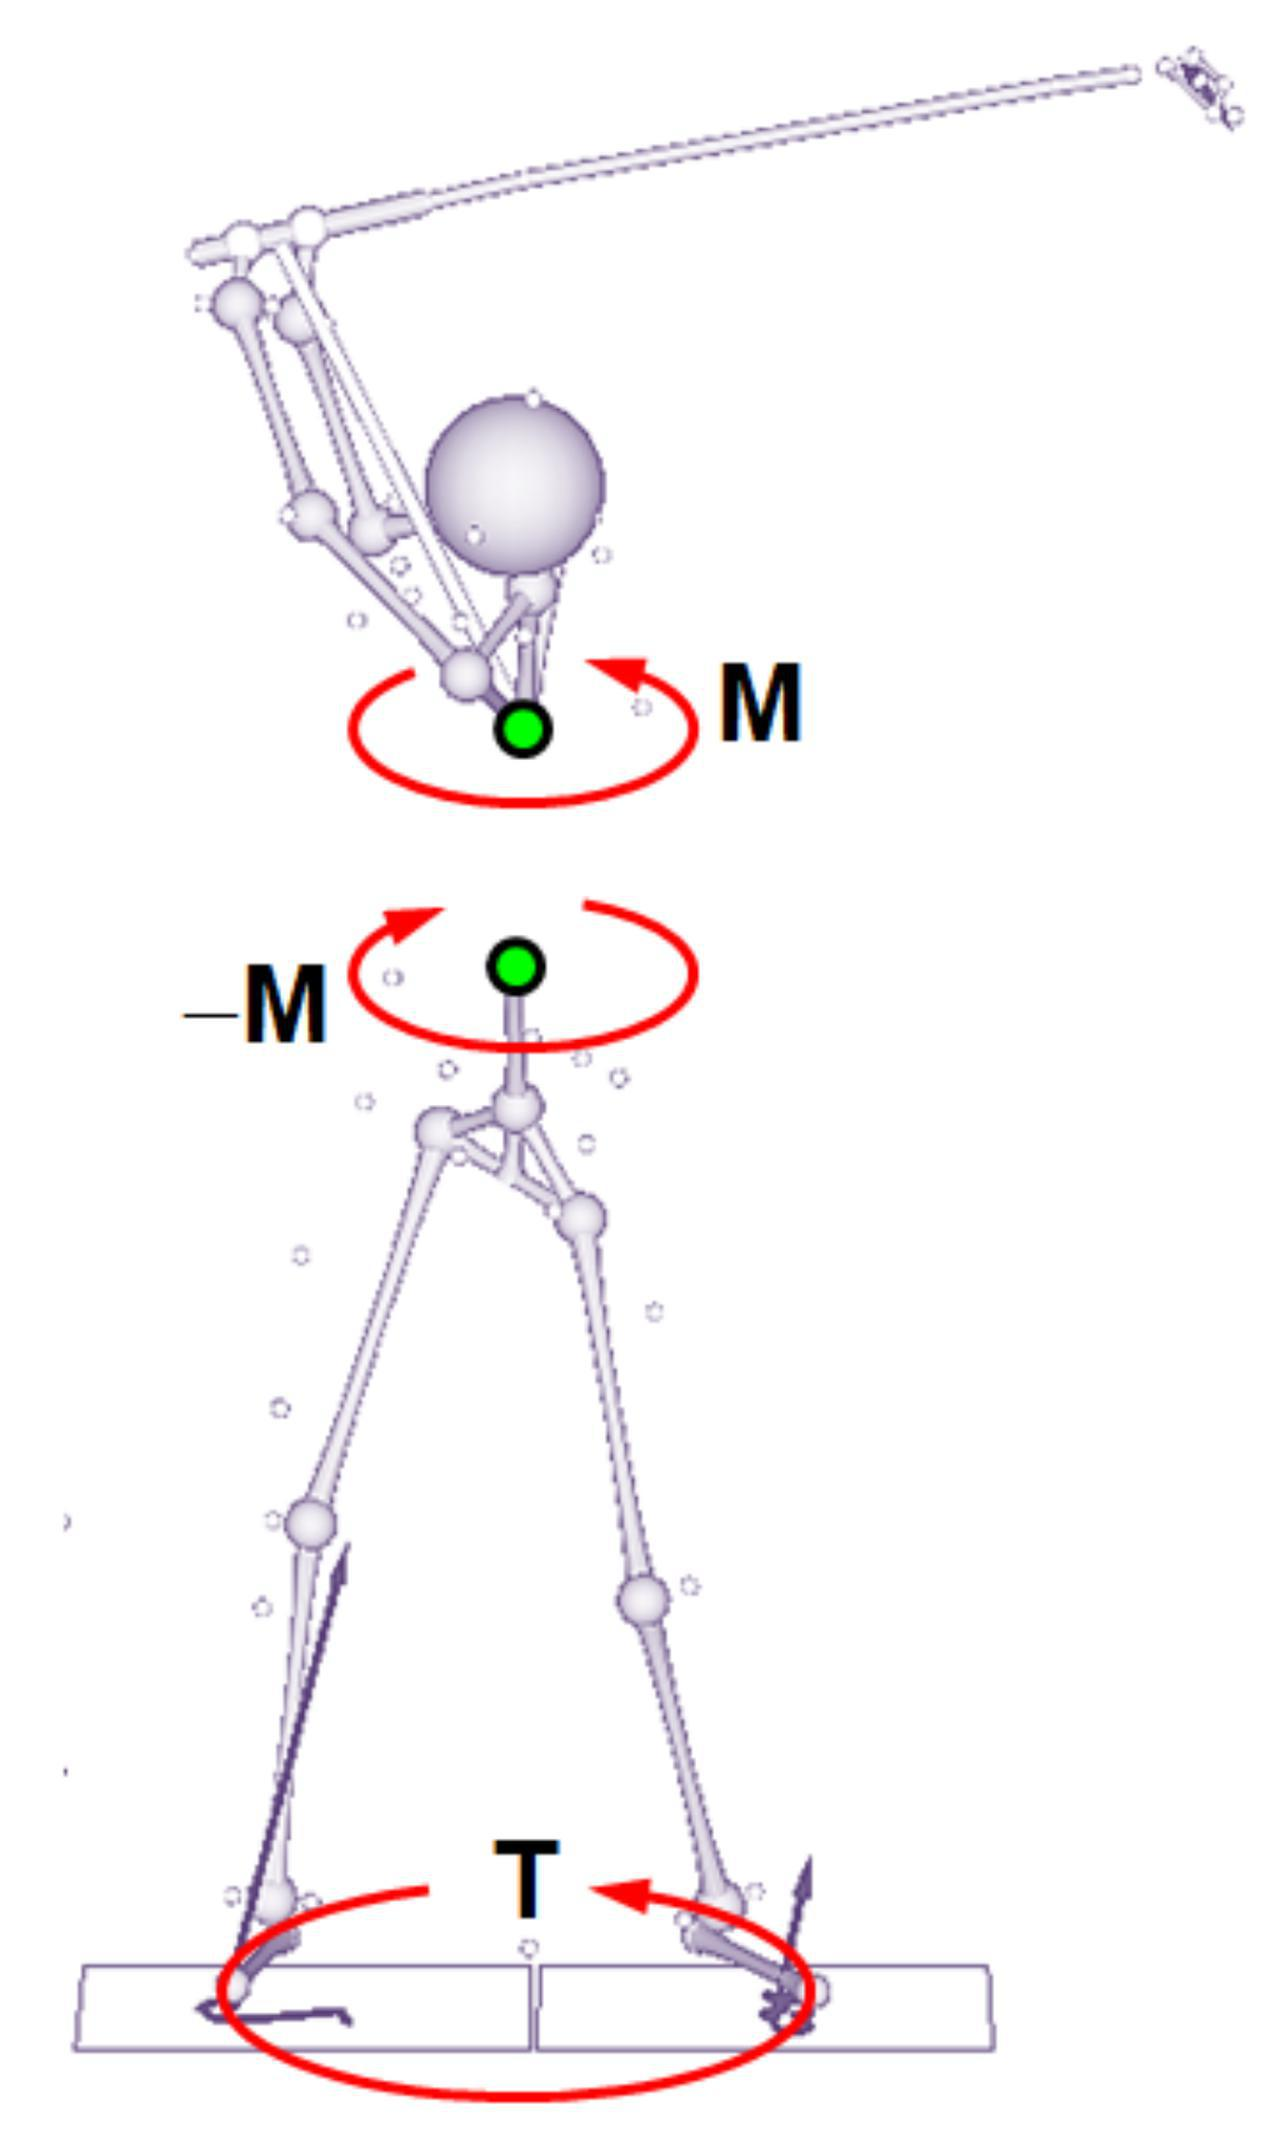 画像: 地面反力によって、切り返しの段階ですでに大きな半時計回りのトルク「T」が働いている。ダウンスウィングで胸を回転させようとするトルク「M」が生じると、作用・反作用の法則により腰には逆回転のトルク「マイナスM」が発生するが、この力は「T」よりも小さいので、腰が逆回転することはありえない。ただ、腰の回転速度は減速する